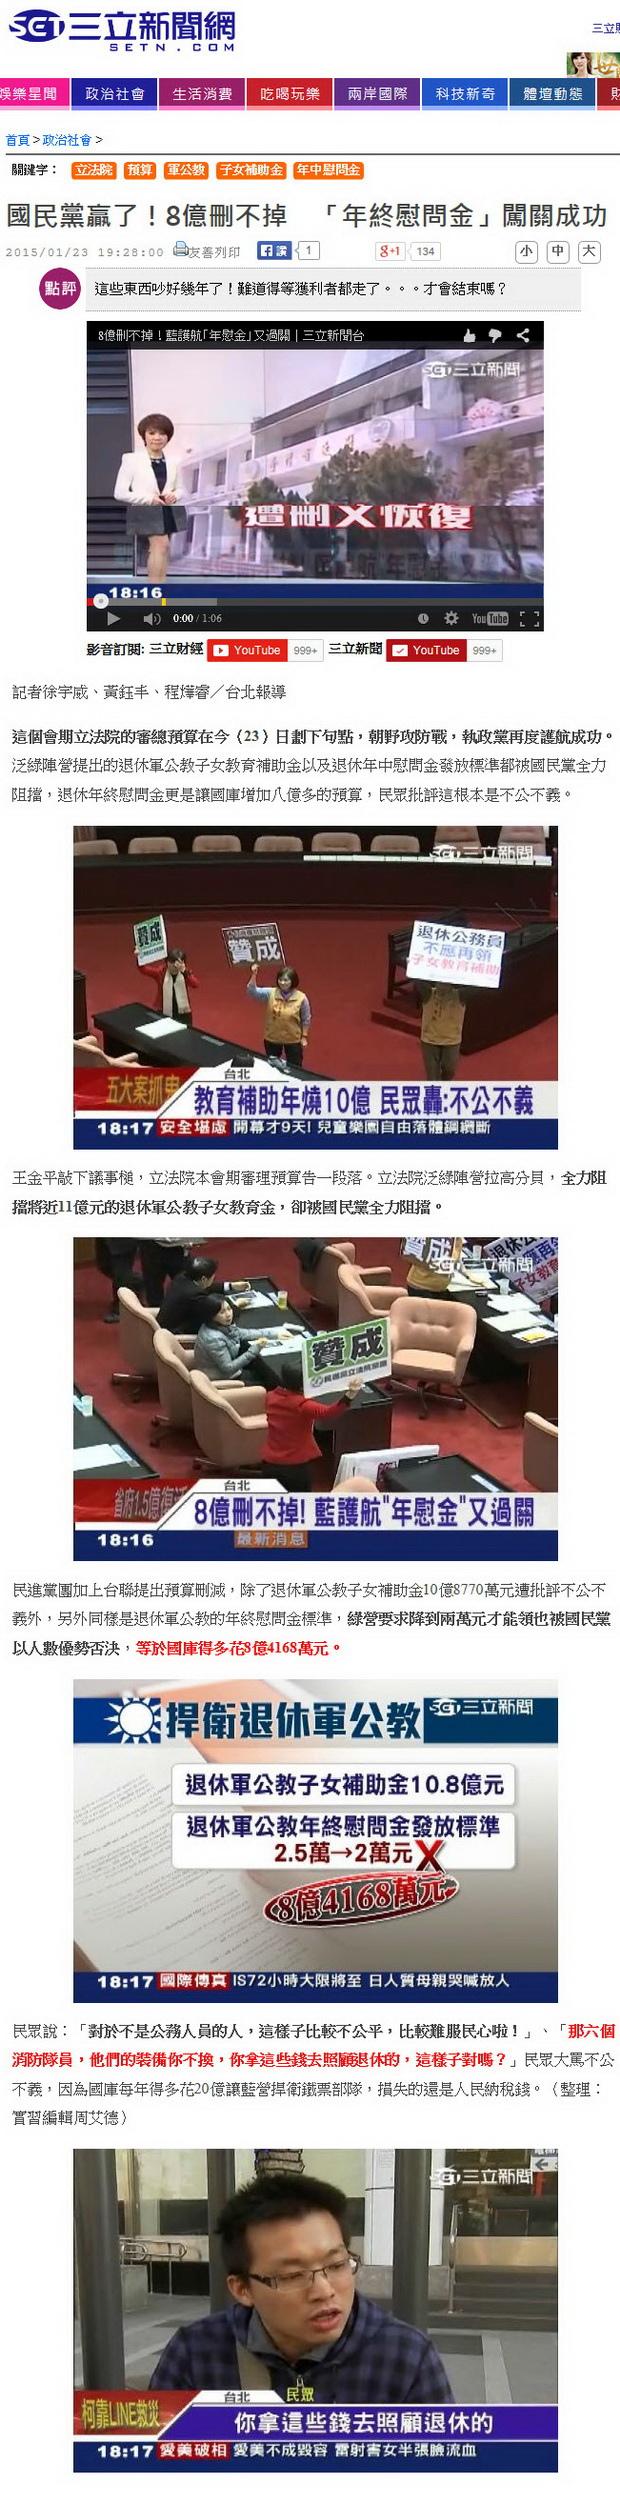 國民黨贏了!8億刪不掉 「年終慰問金」闖關成功-2015.01.23.jpg